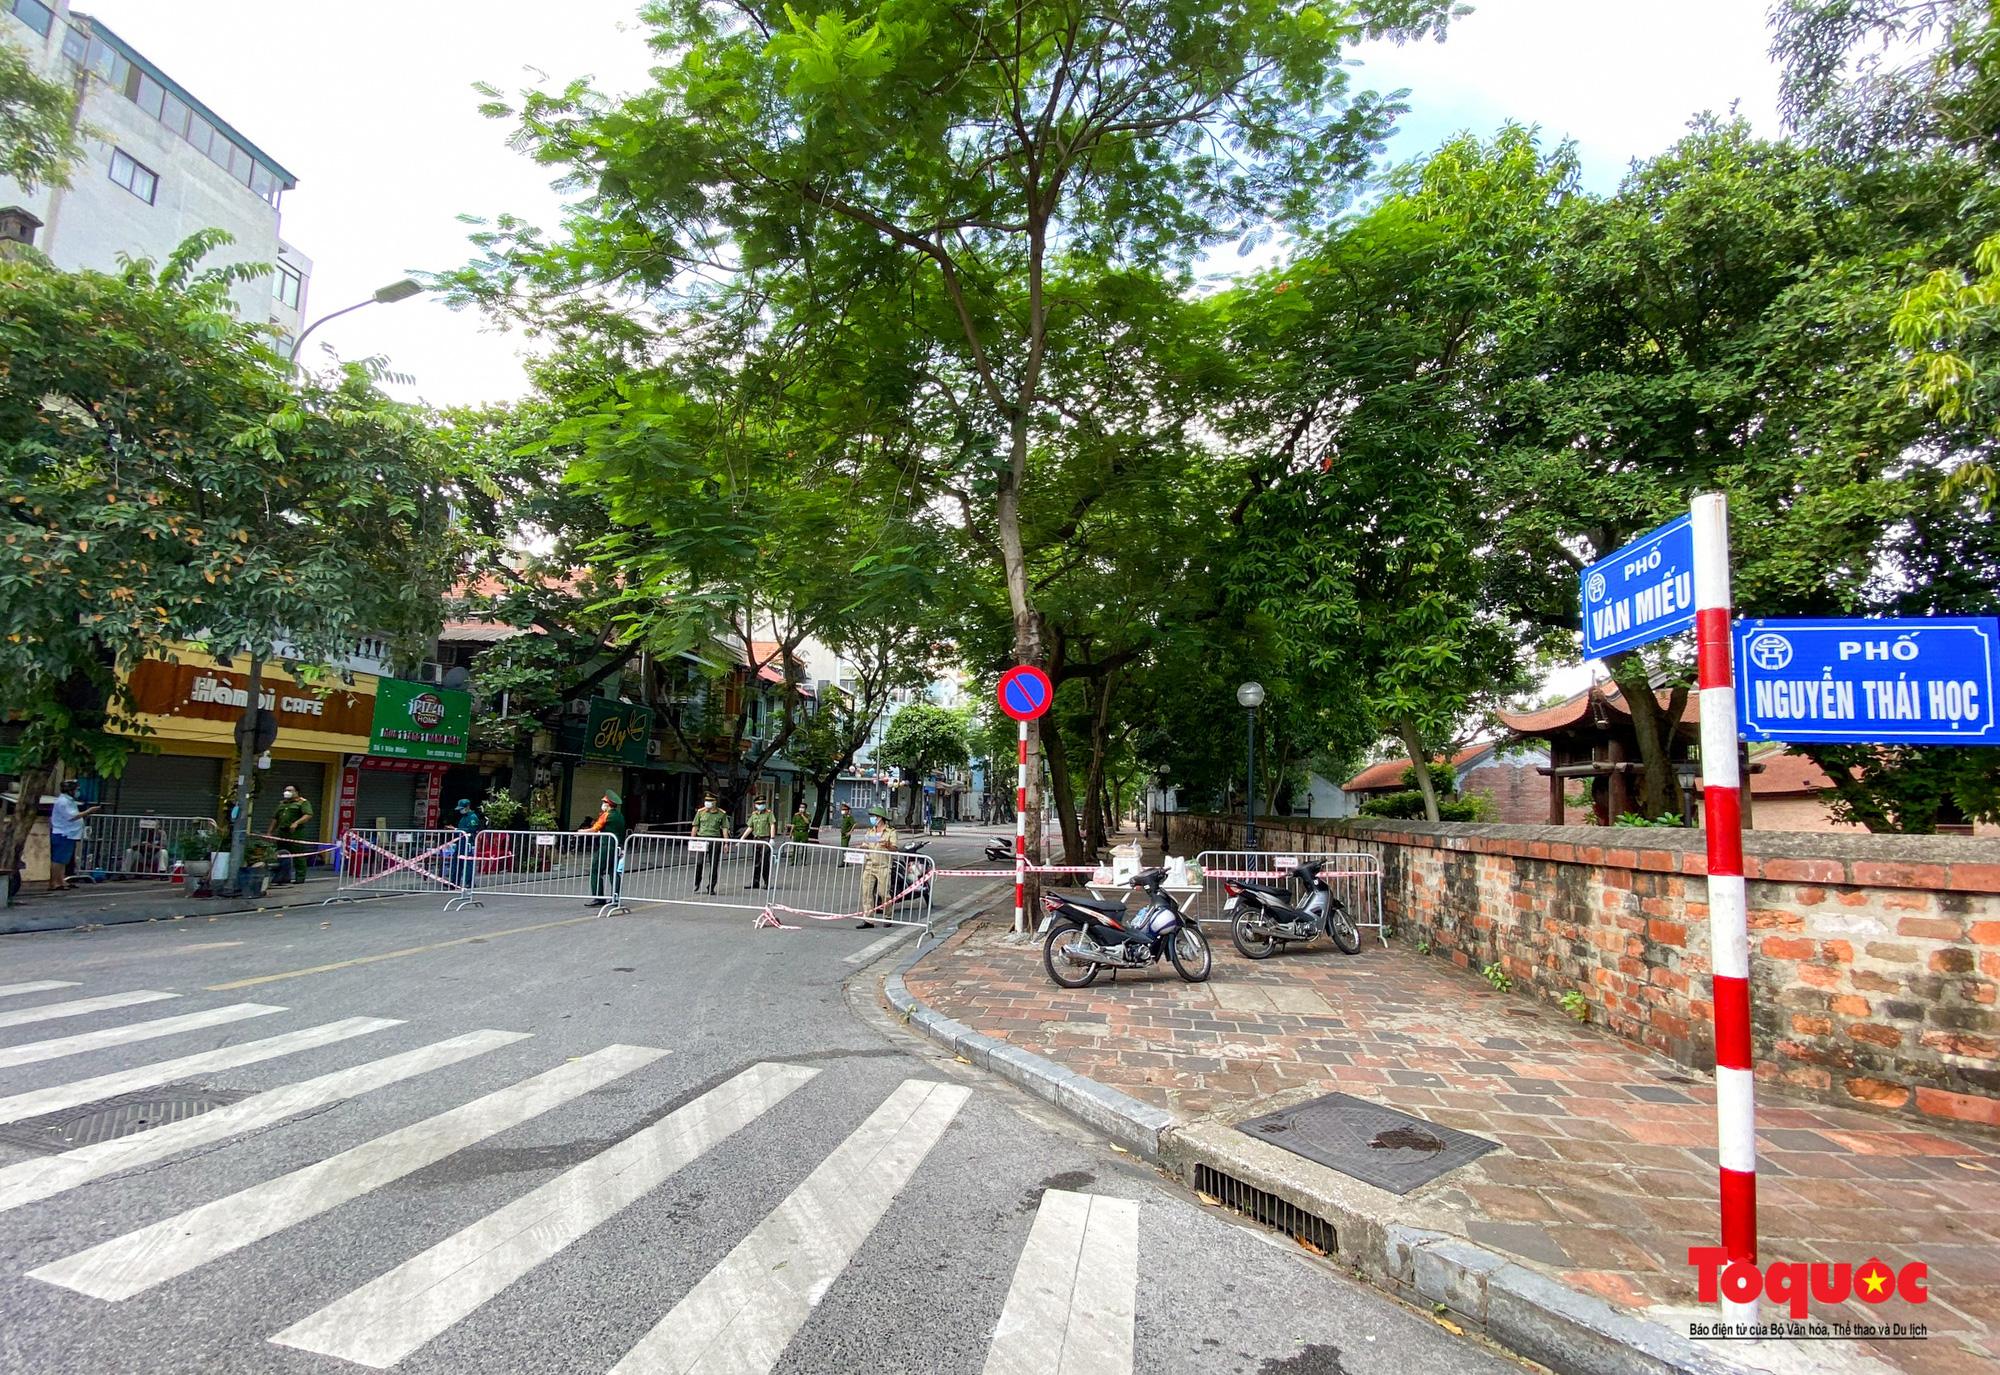 Hà Nội: Phong tỏa 2 phường Văn Miếu, Văn Chương, người dân xếp hàng tiếp tế cho khu cách ly - Ảnh 16.